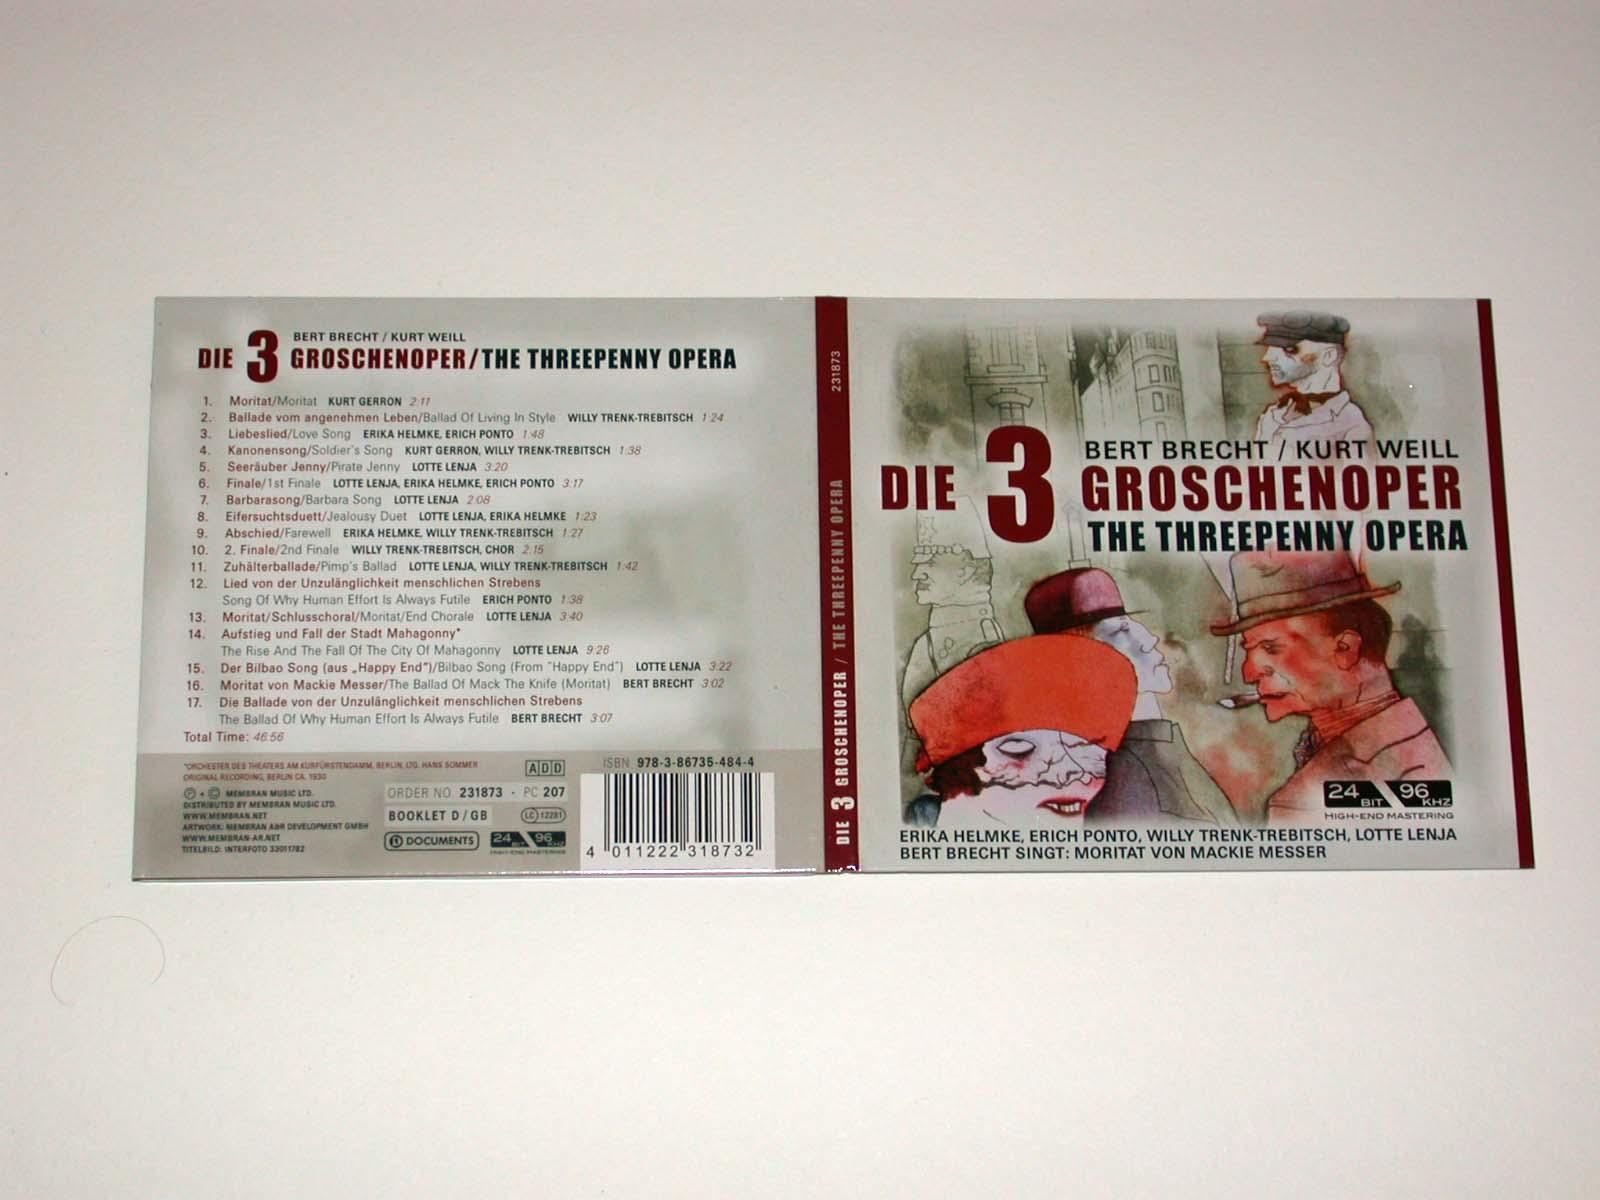 Die 3 Groschenoper.: Bert Brecht /